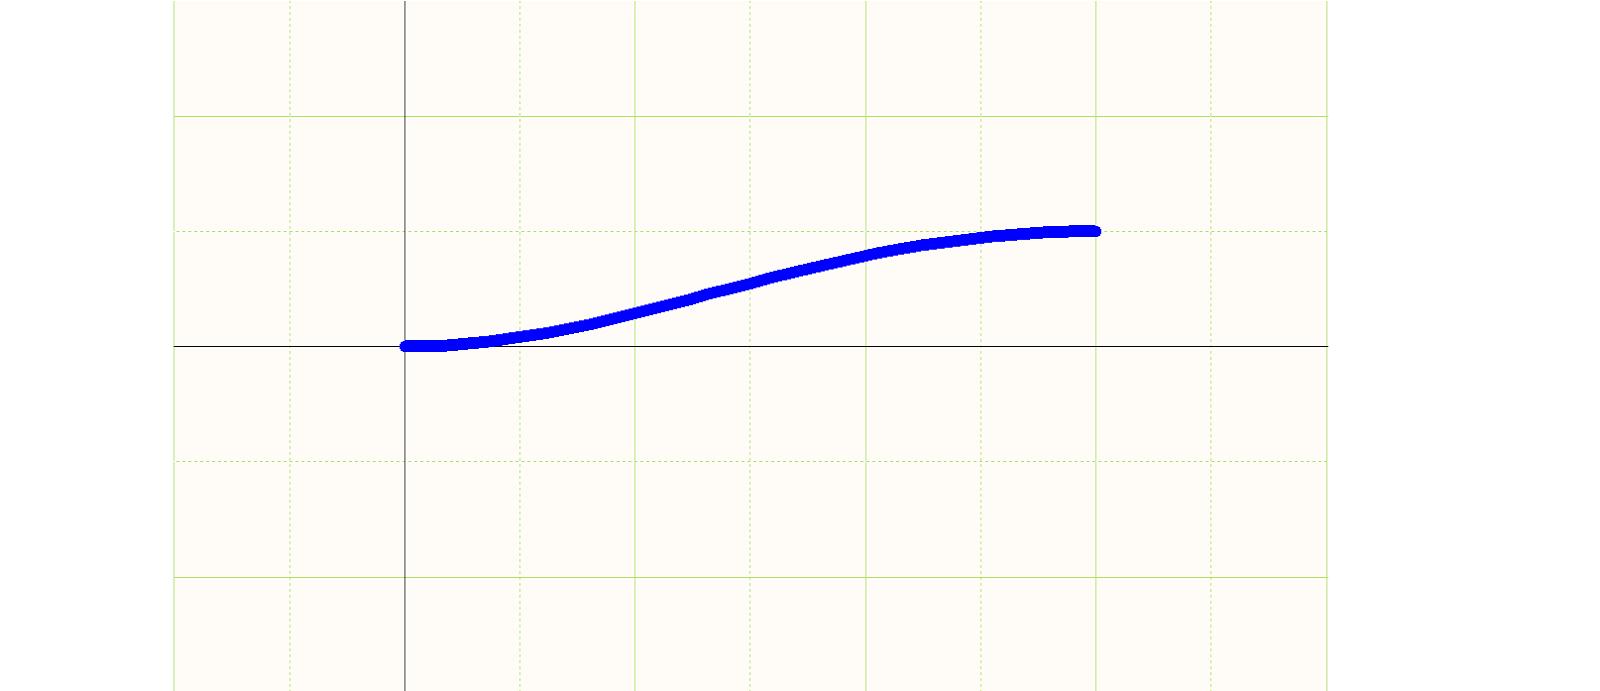 PCB-Kabel-Anordnung: Abbildung 6.  Oberer Teil eines Schrumpfschlauchs erzeugt mit einer Bezierkurve